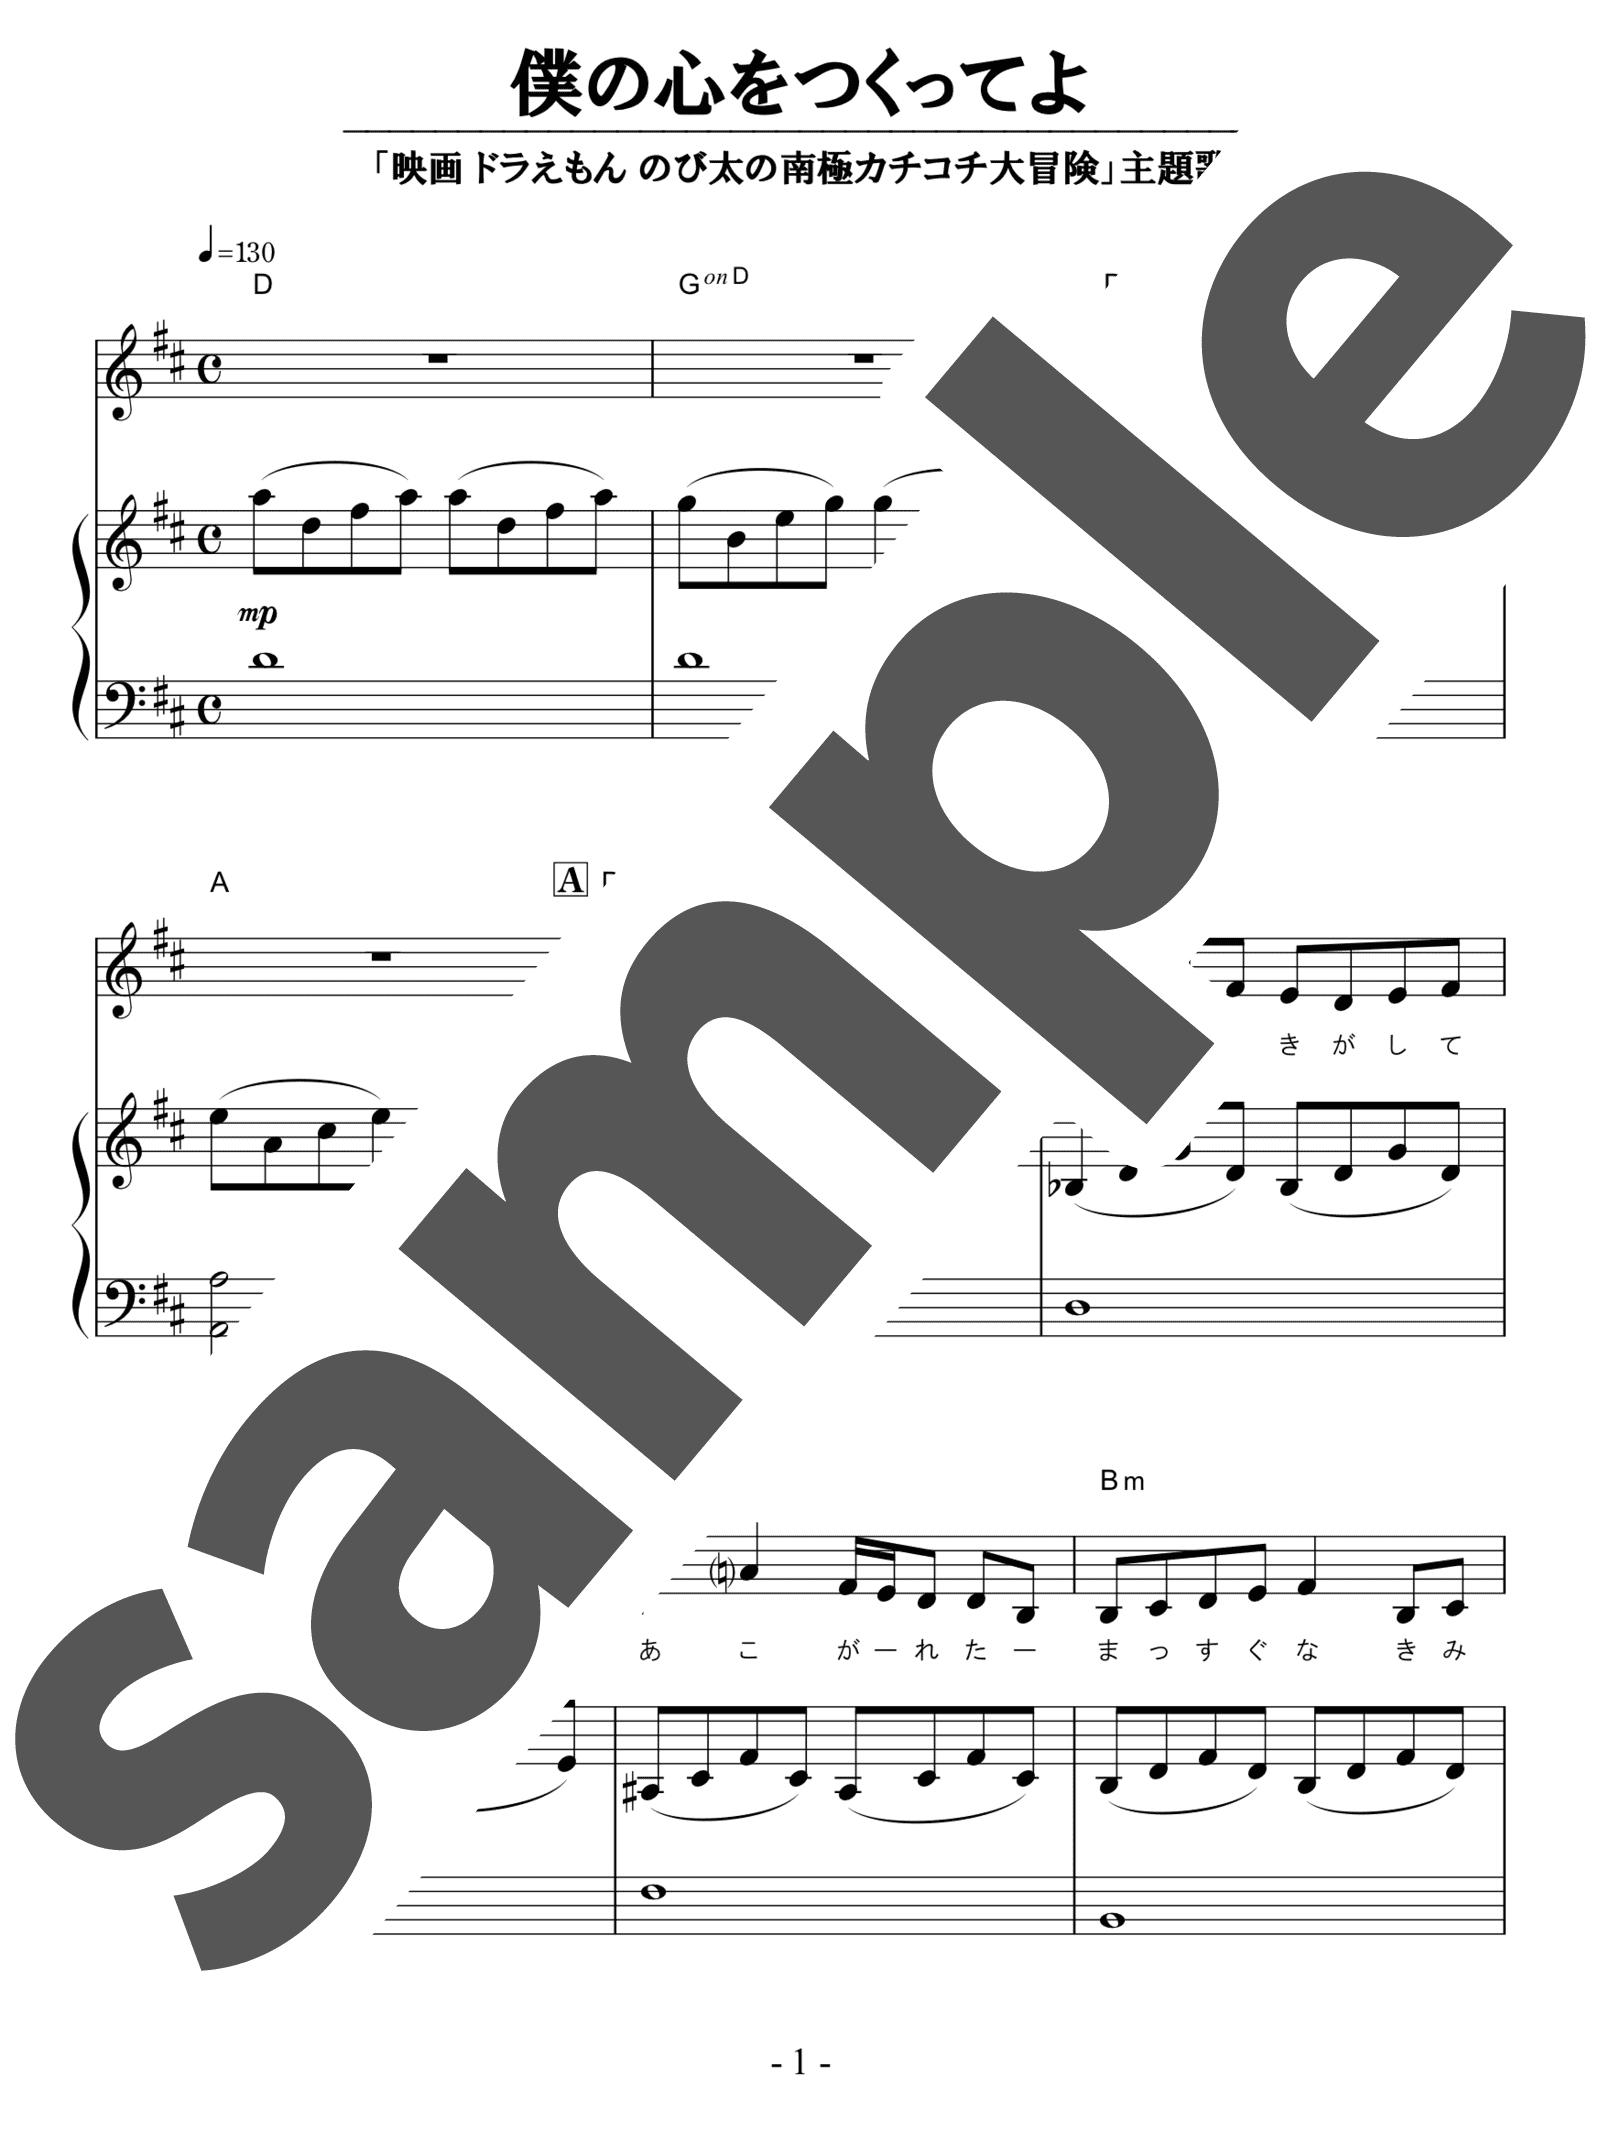 「僕の心をつくってよ」のサンプル楽譜